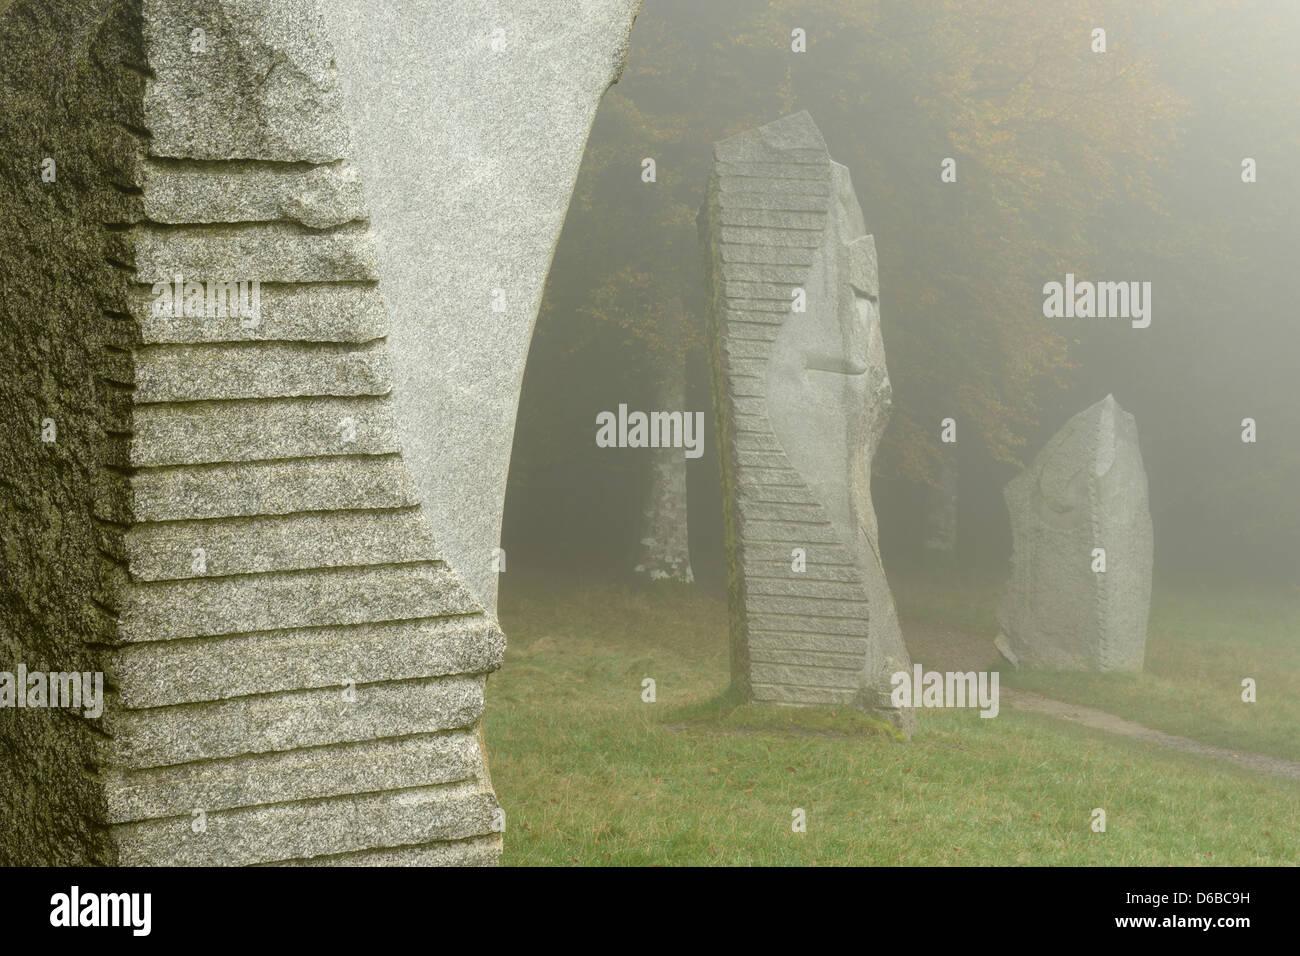 Pietre permanente a Heaven's Gate nel Longleat Estate, Wiltshire, Regno Unito. Le pietre sono state scolpite Immagini Stock